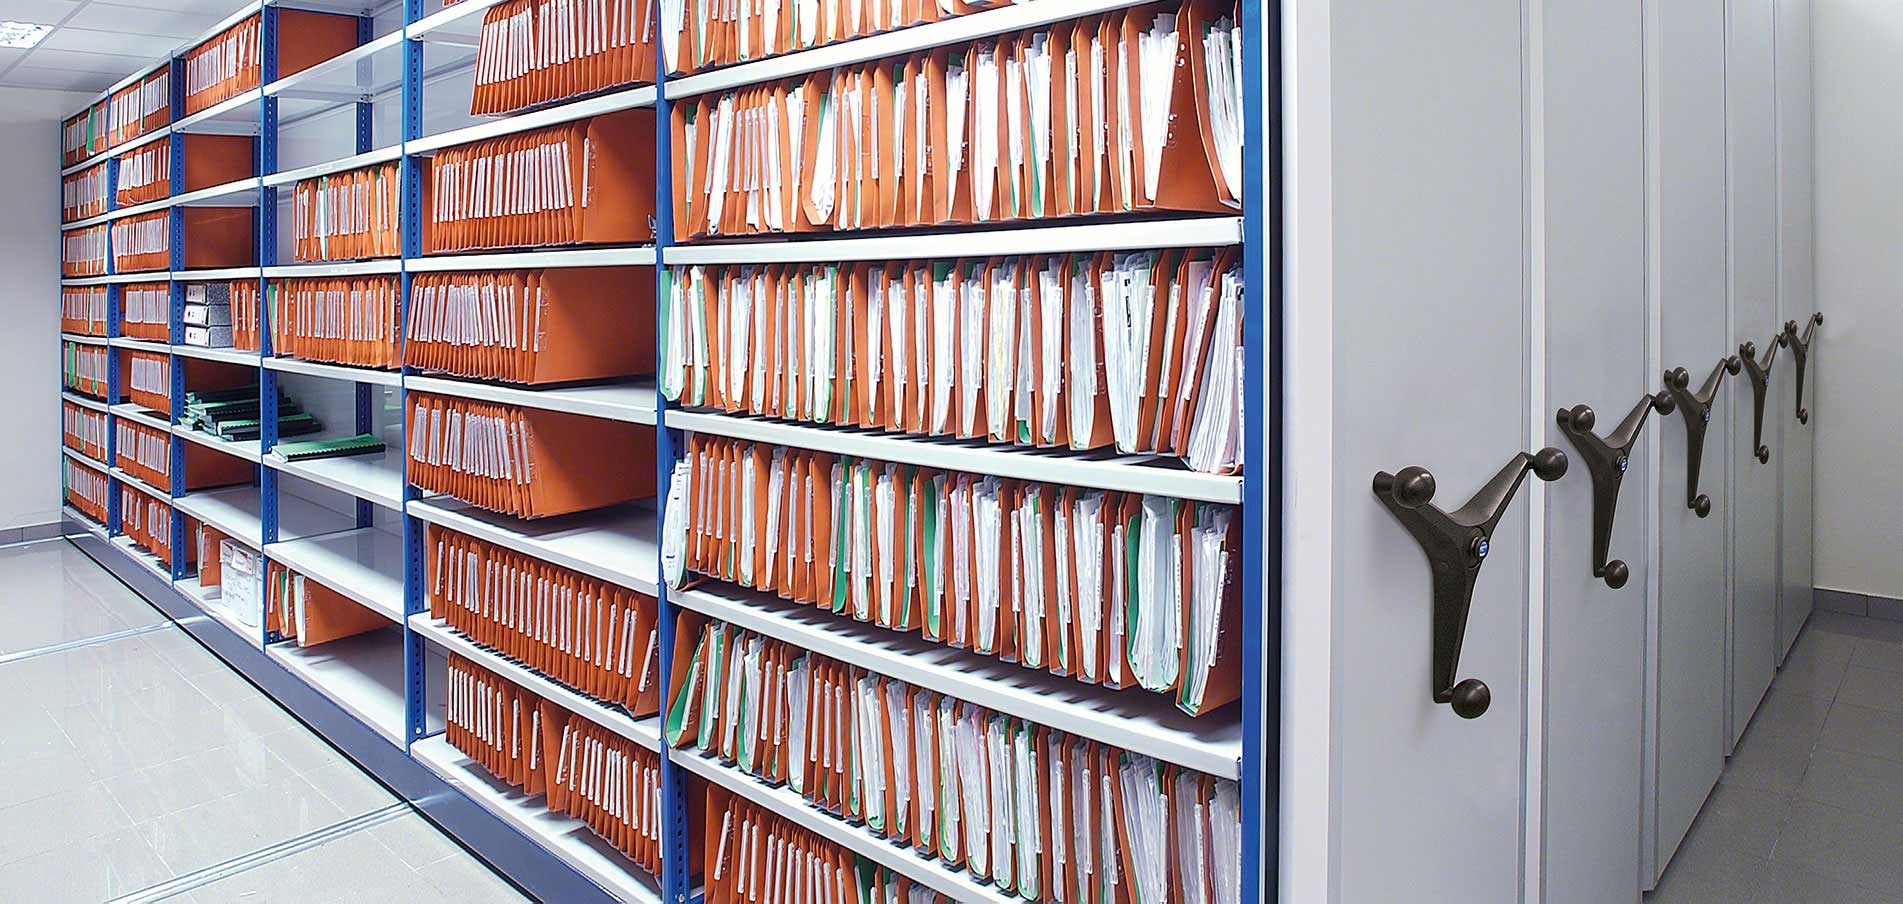 Archivsysteme